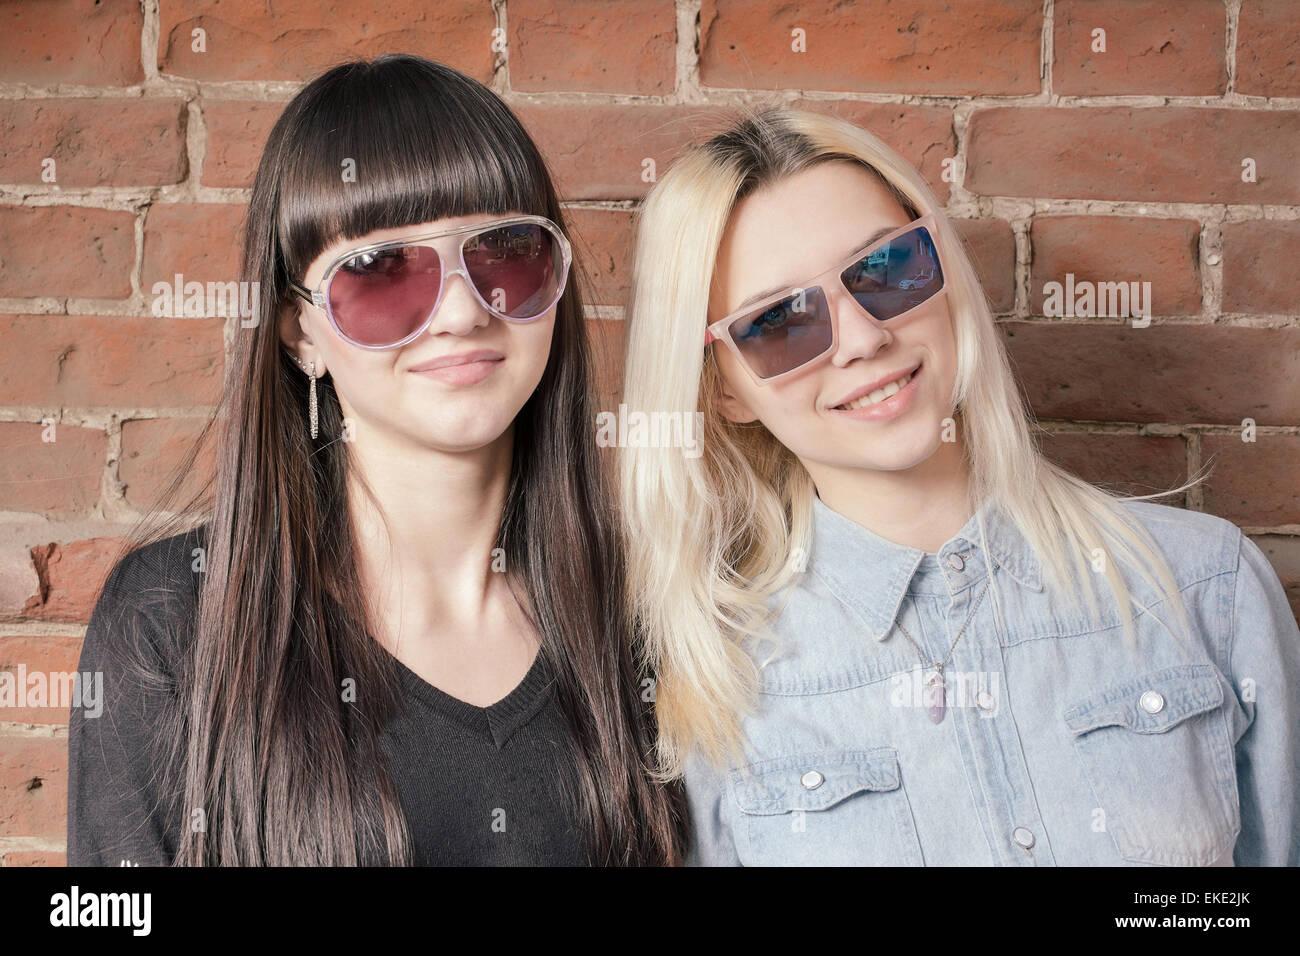 Chicas En Hermosas Moda Sol Dos Contexto Feliz De El Gafas xWCoderB